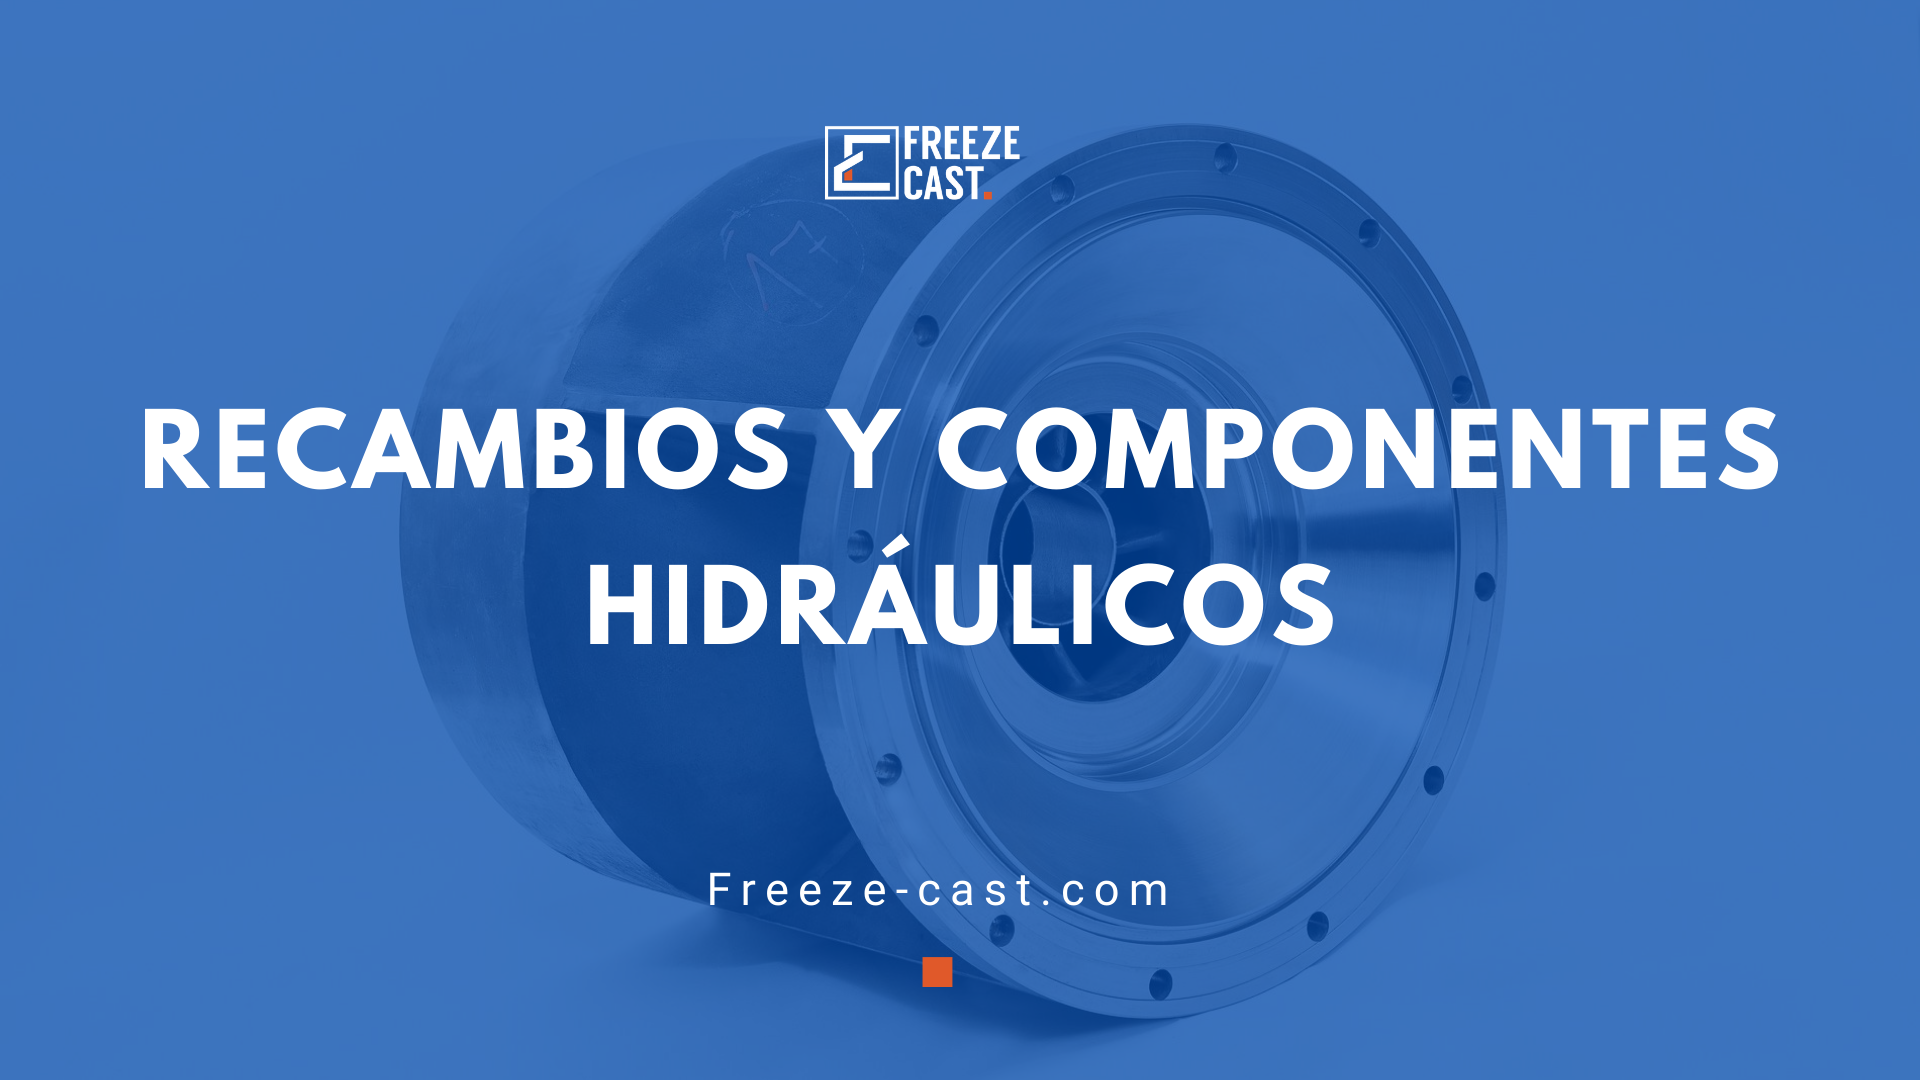 Recambios y componentes hidráulicos